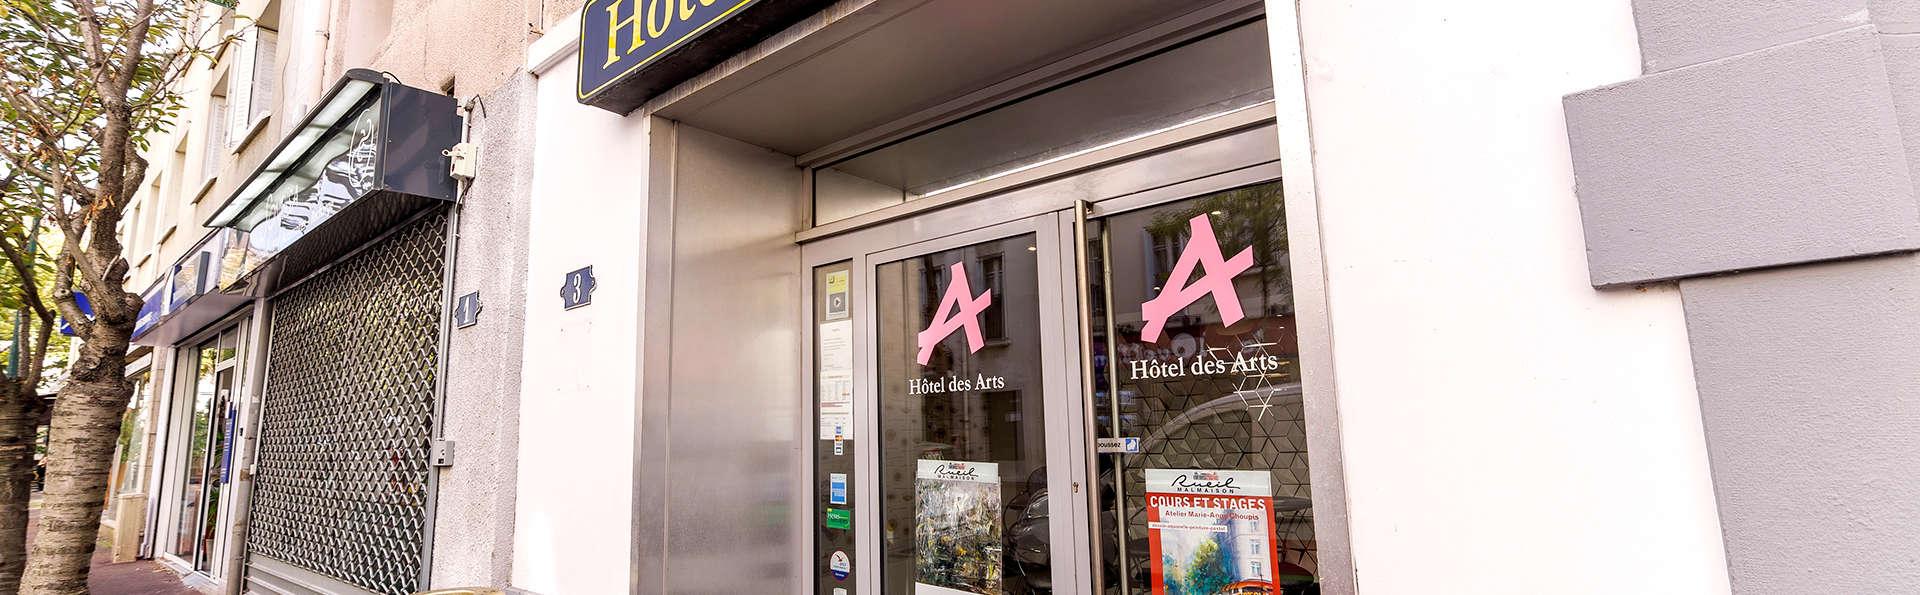 Hôtel des Arts - Edit_front.jpg